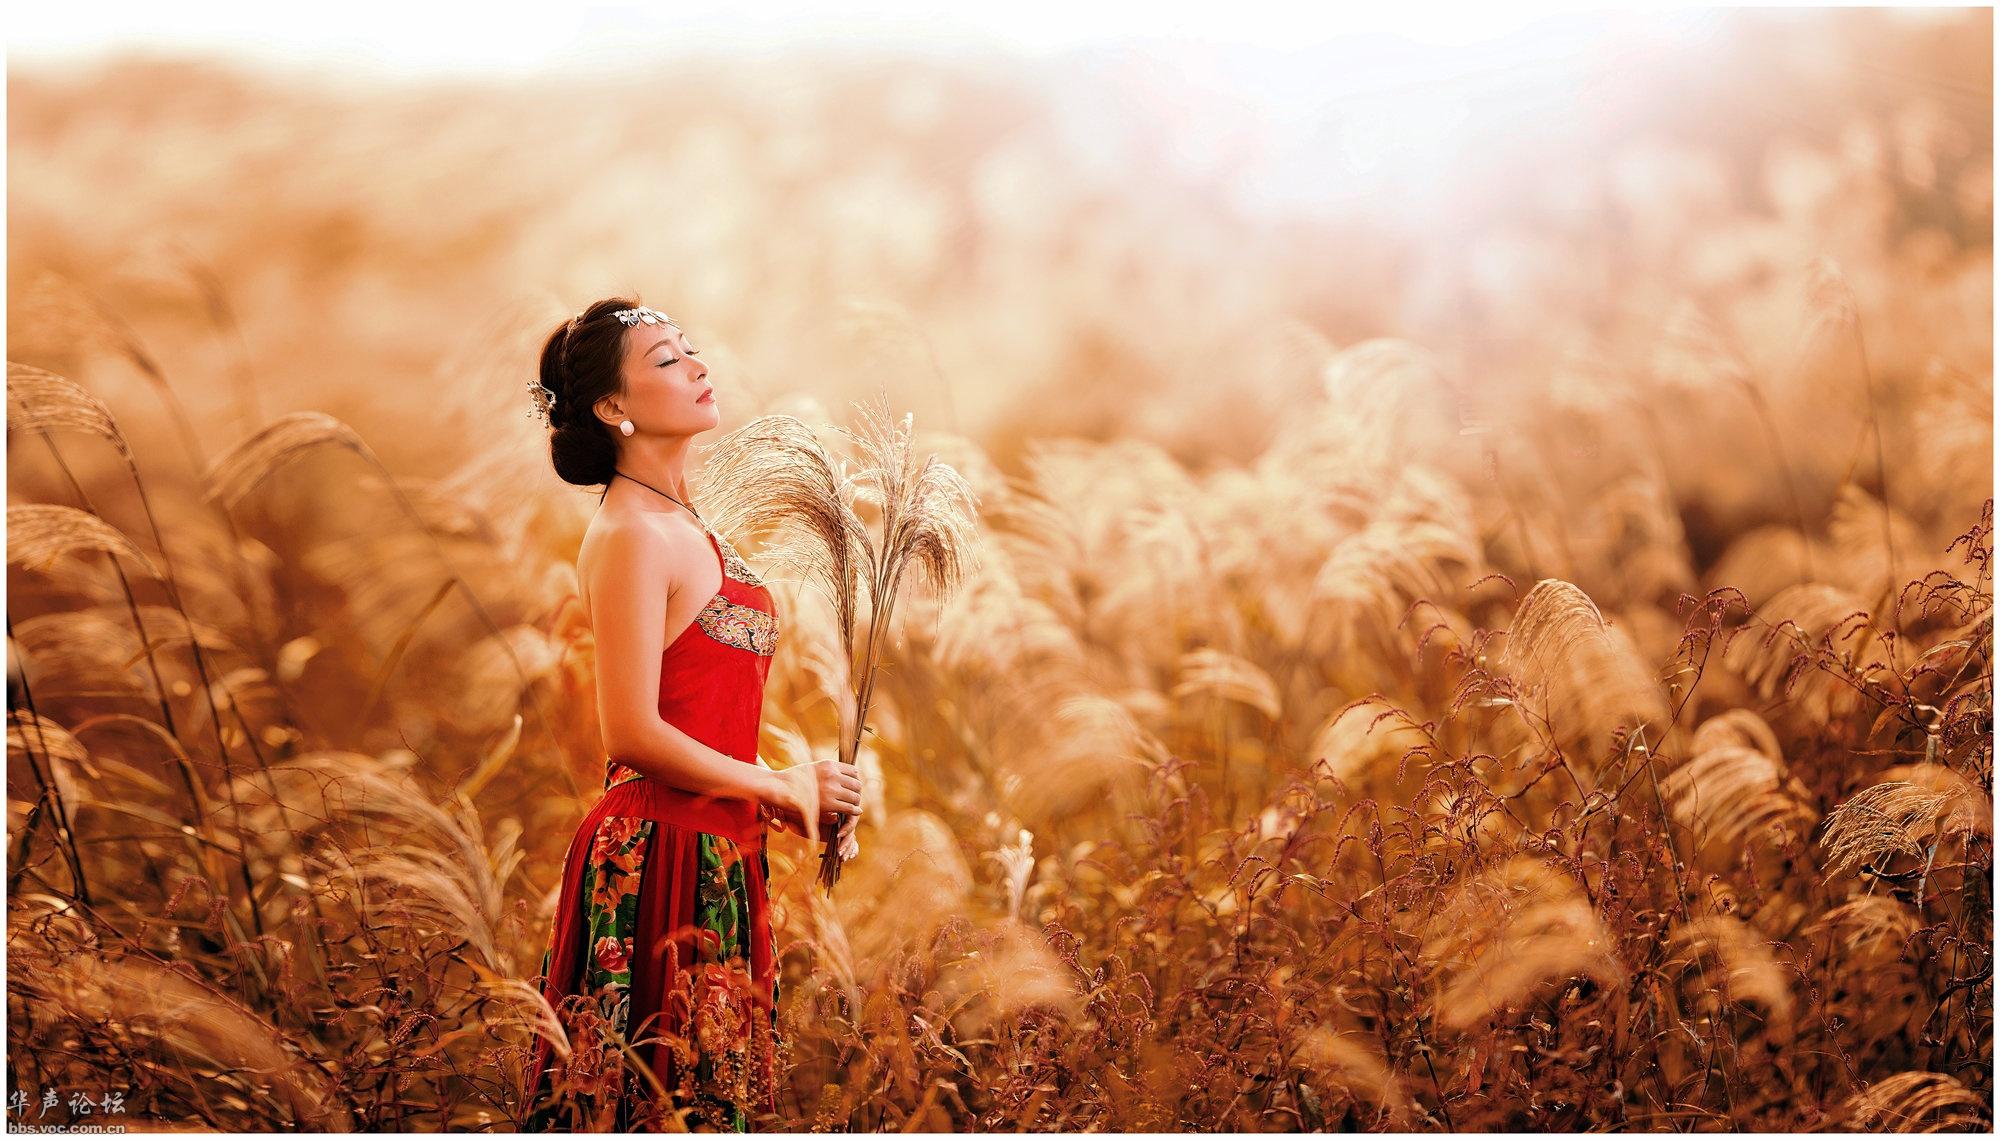 印象秋天 - 花開有聲 - 花開有聲